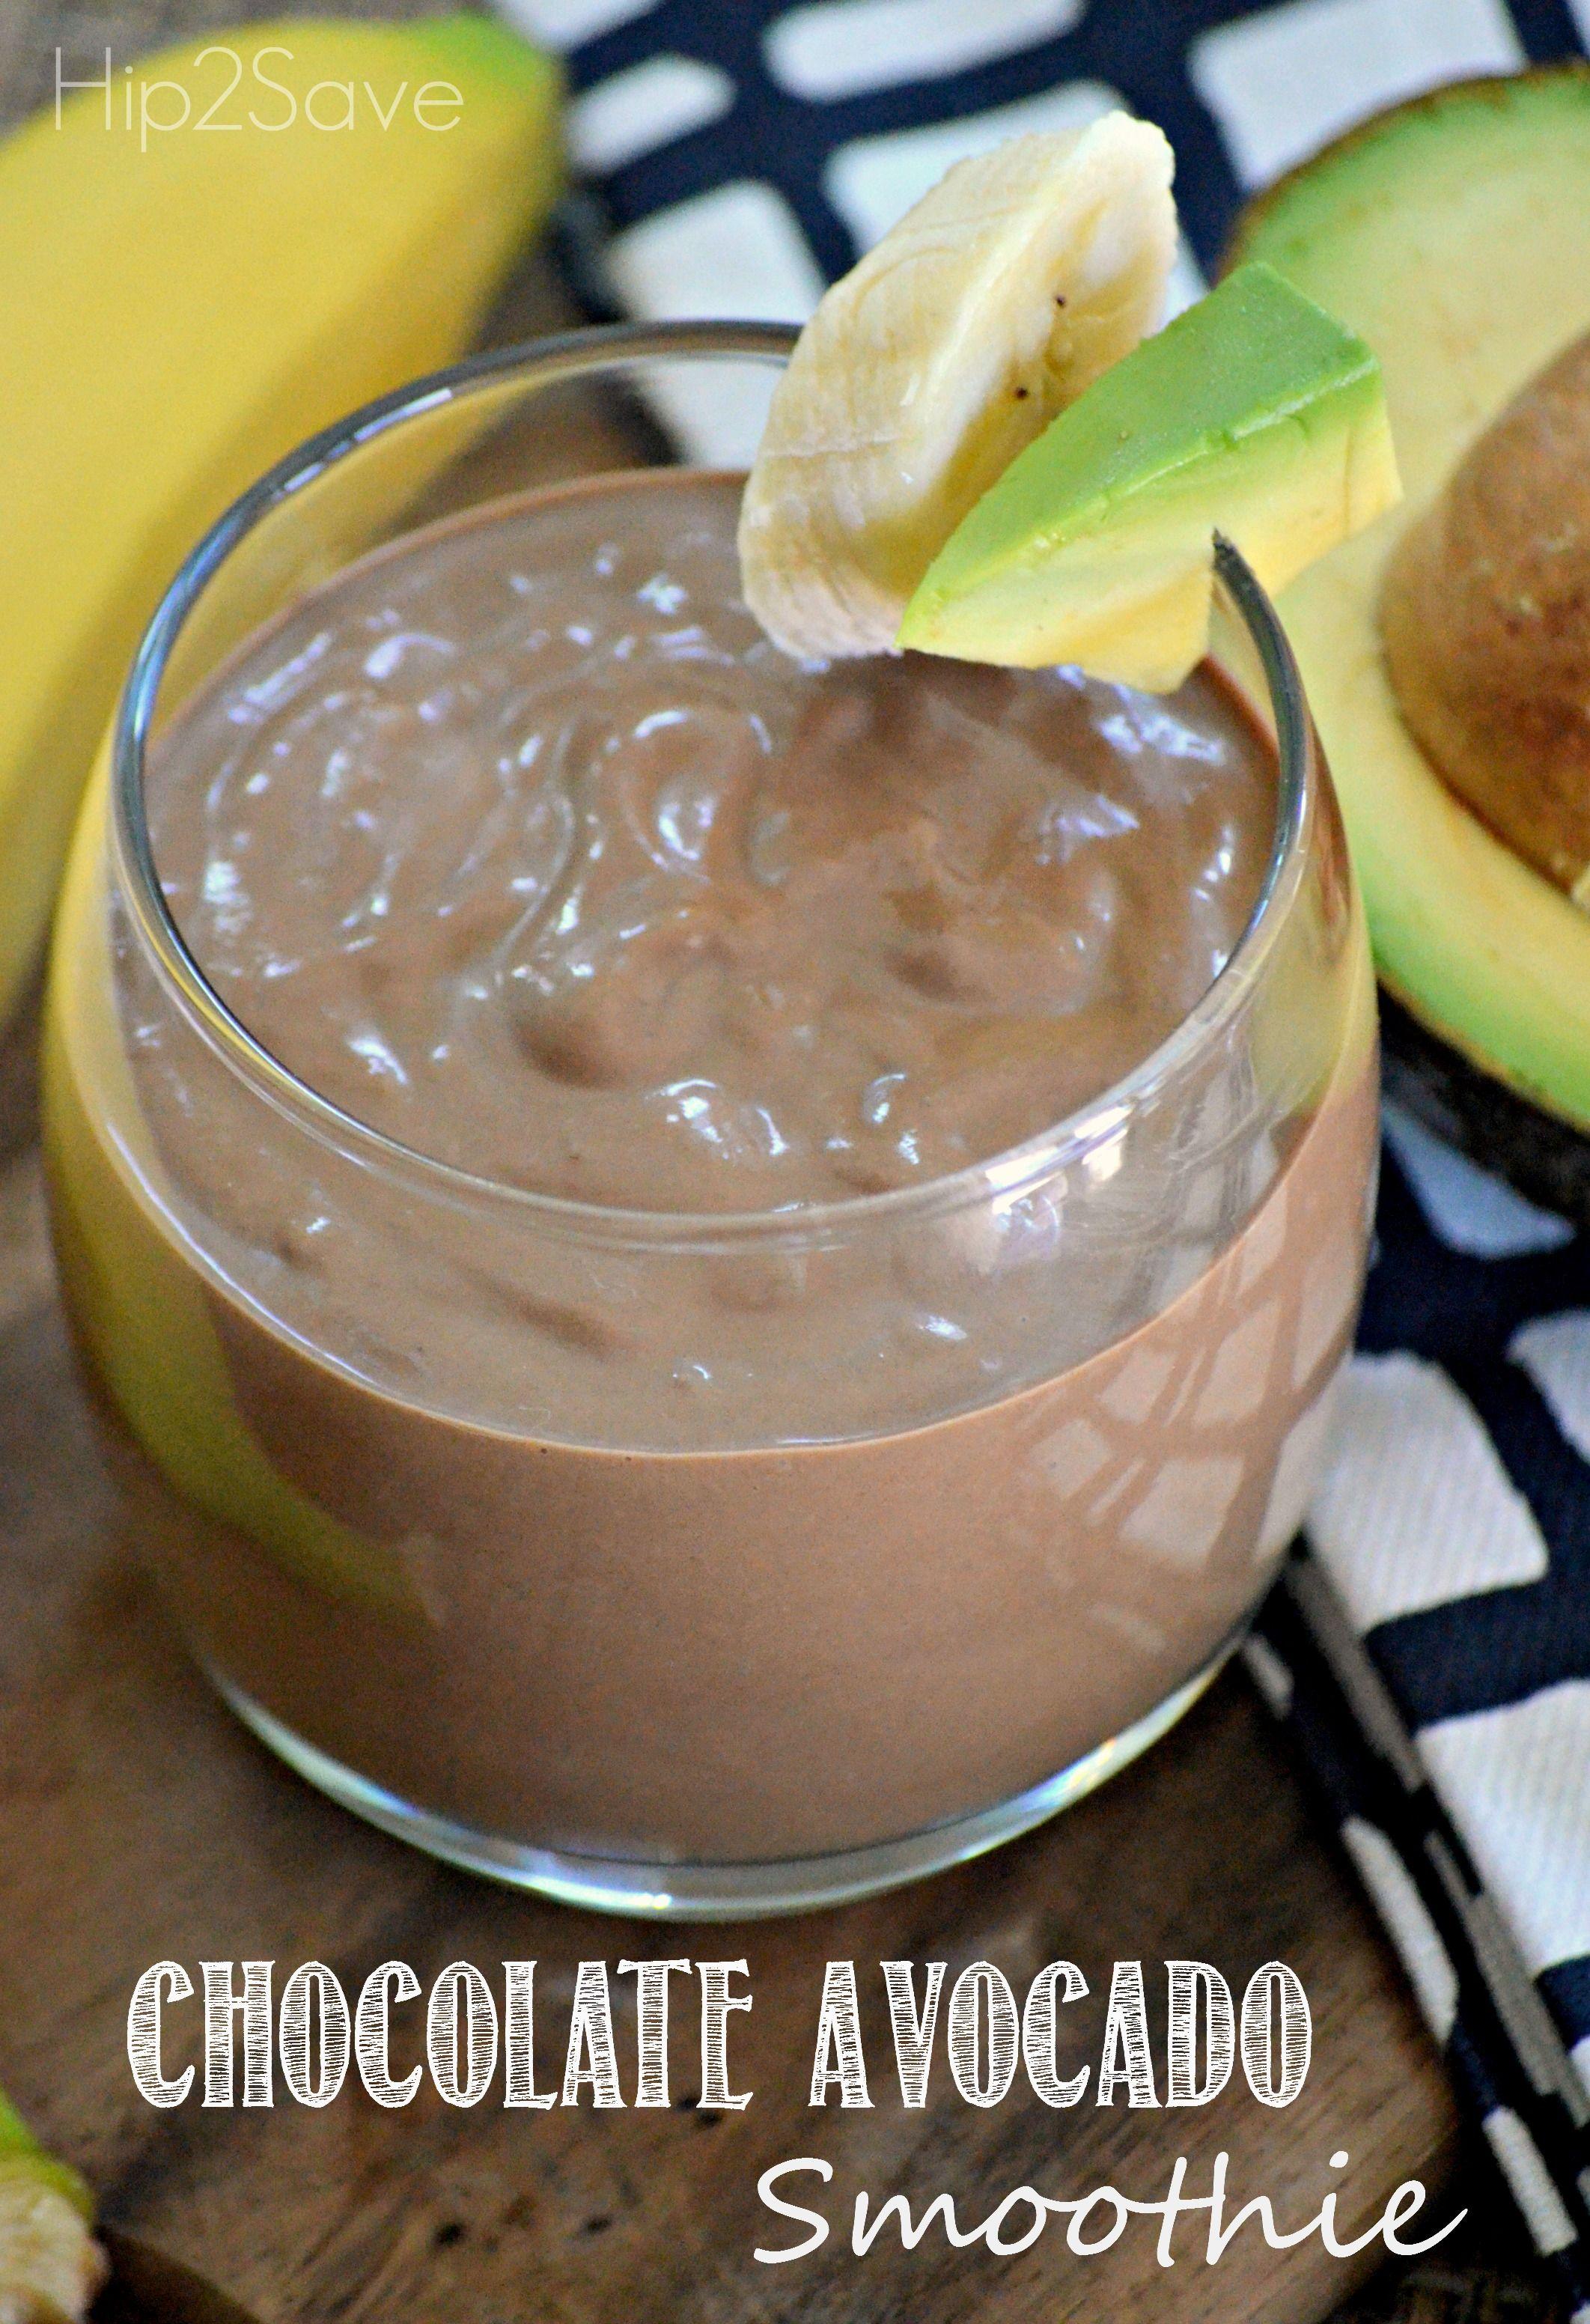 Chocolate Avocado Smoothie Recipe By Hip2save Com Avocado